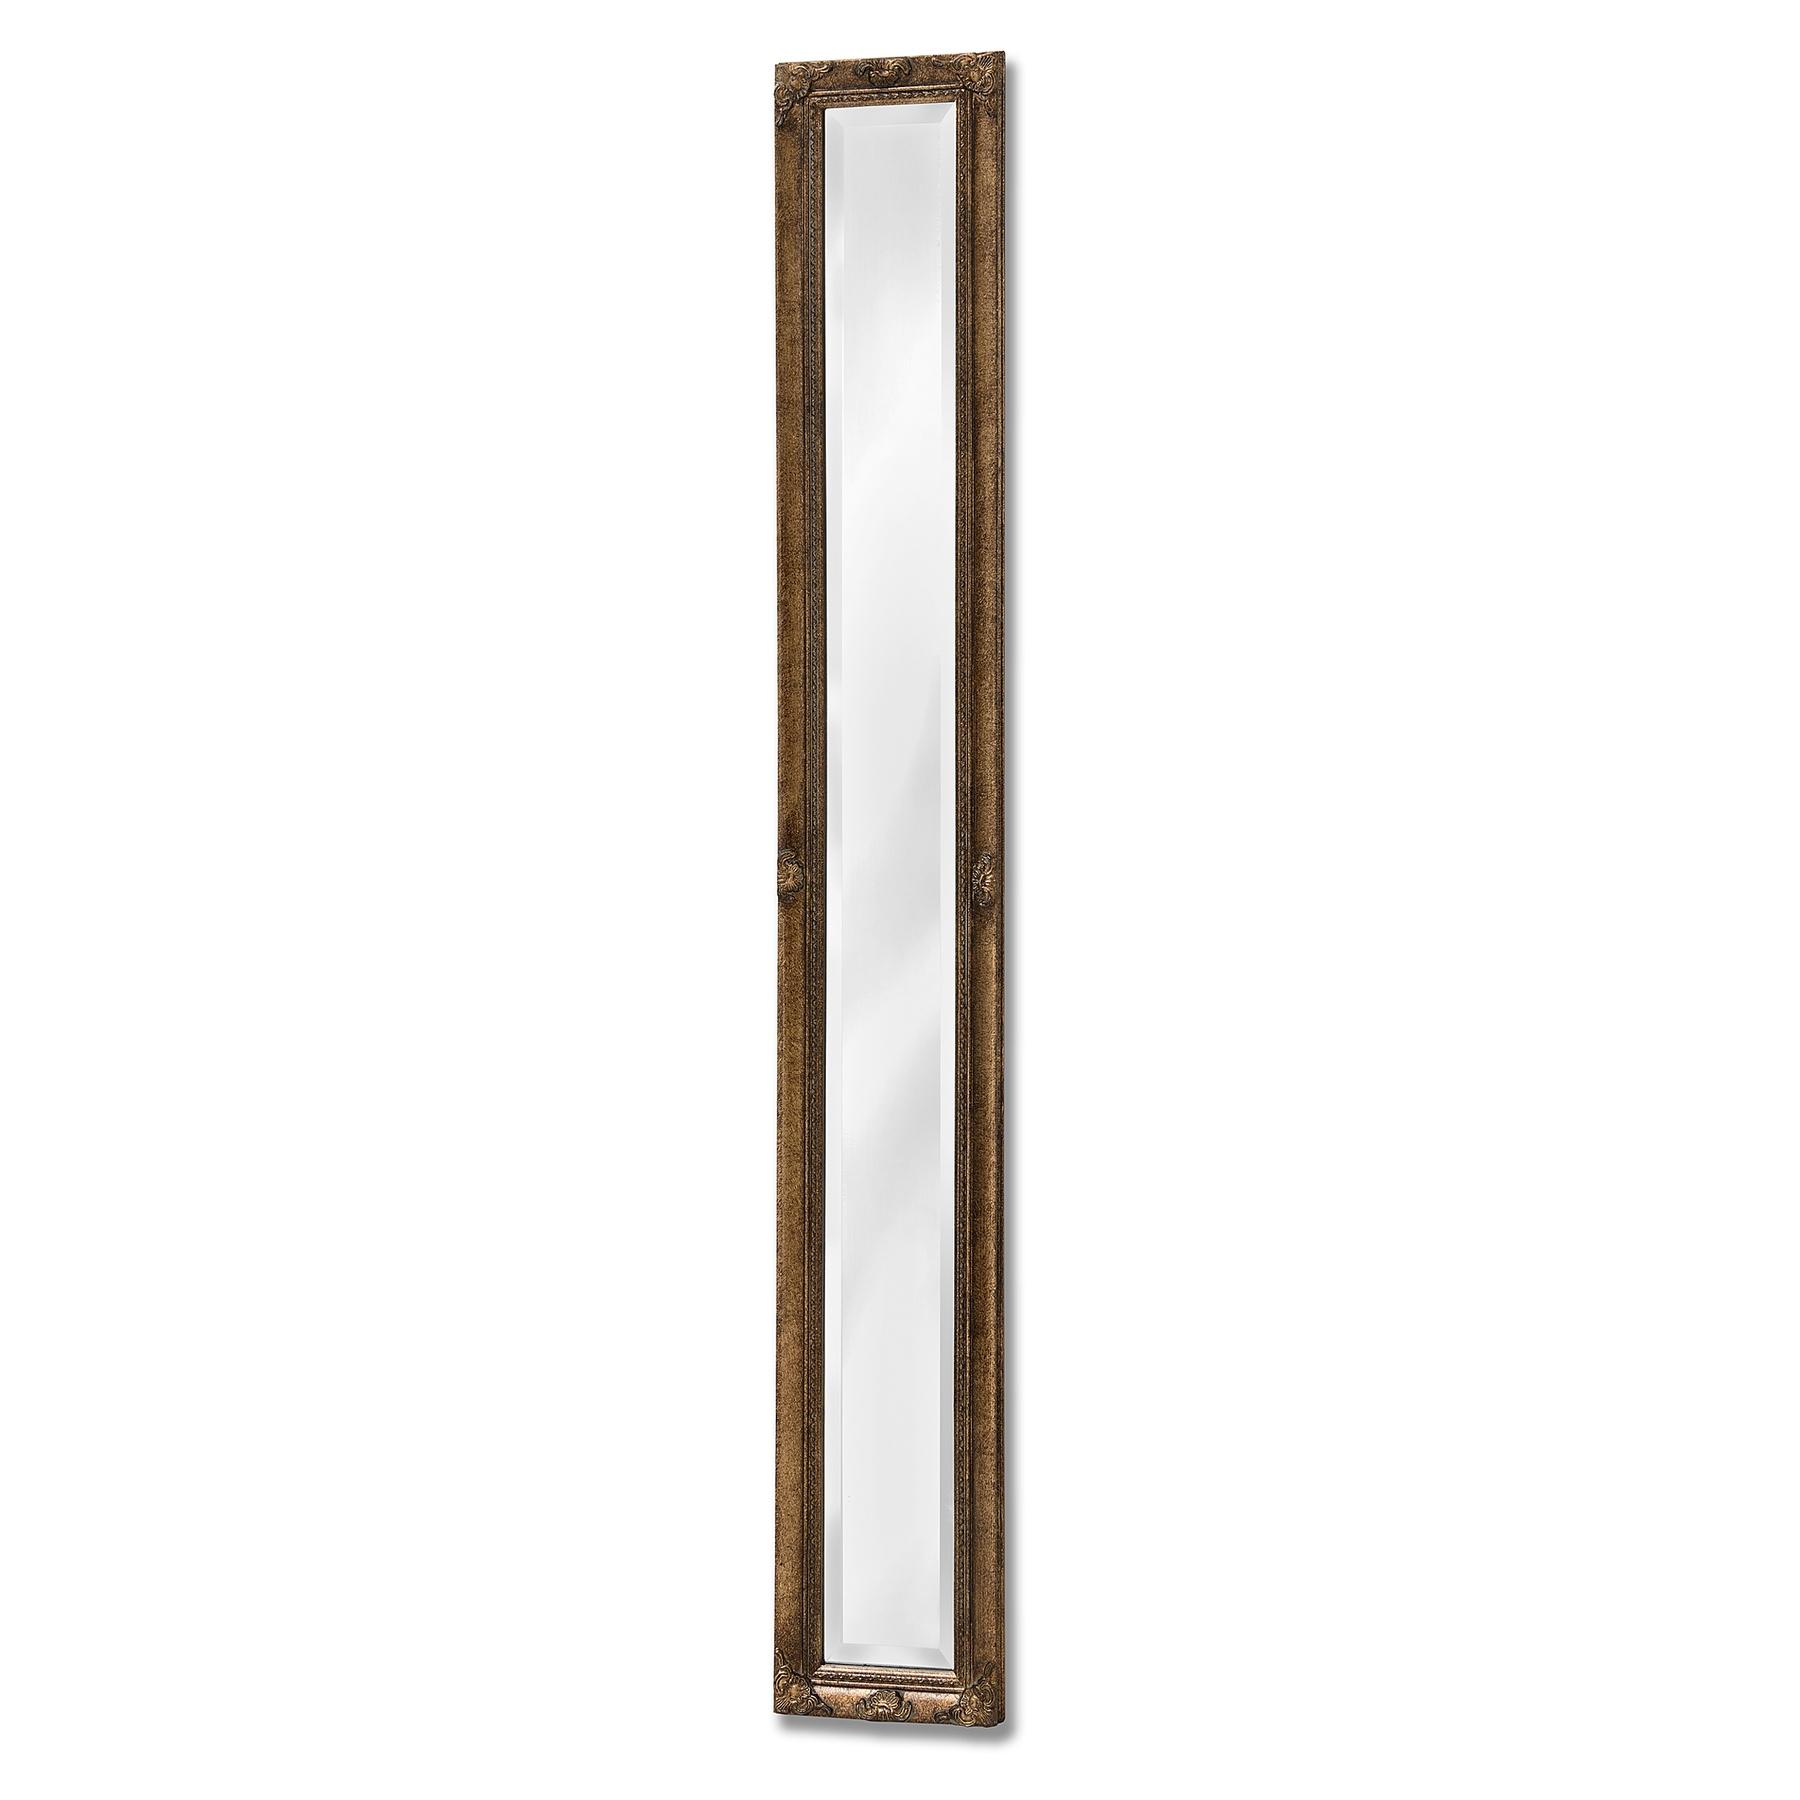 Antique Gold Narrow Wall Mirror